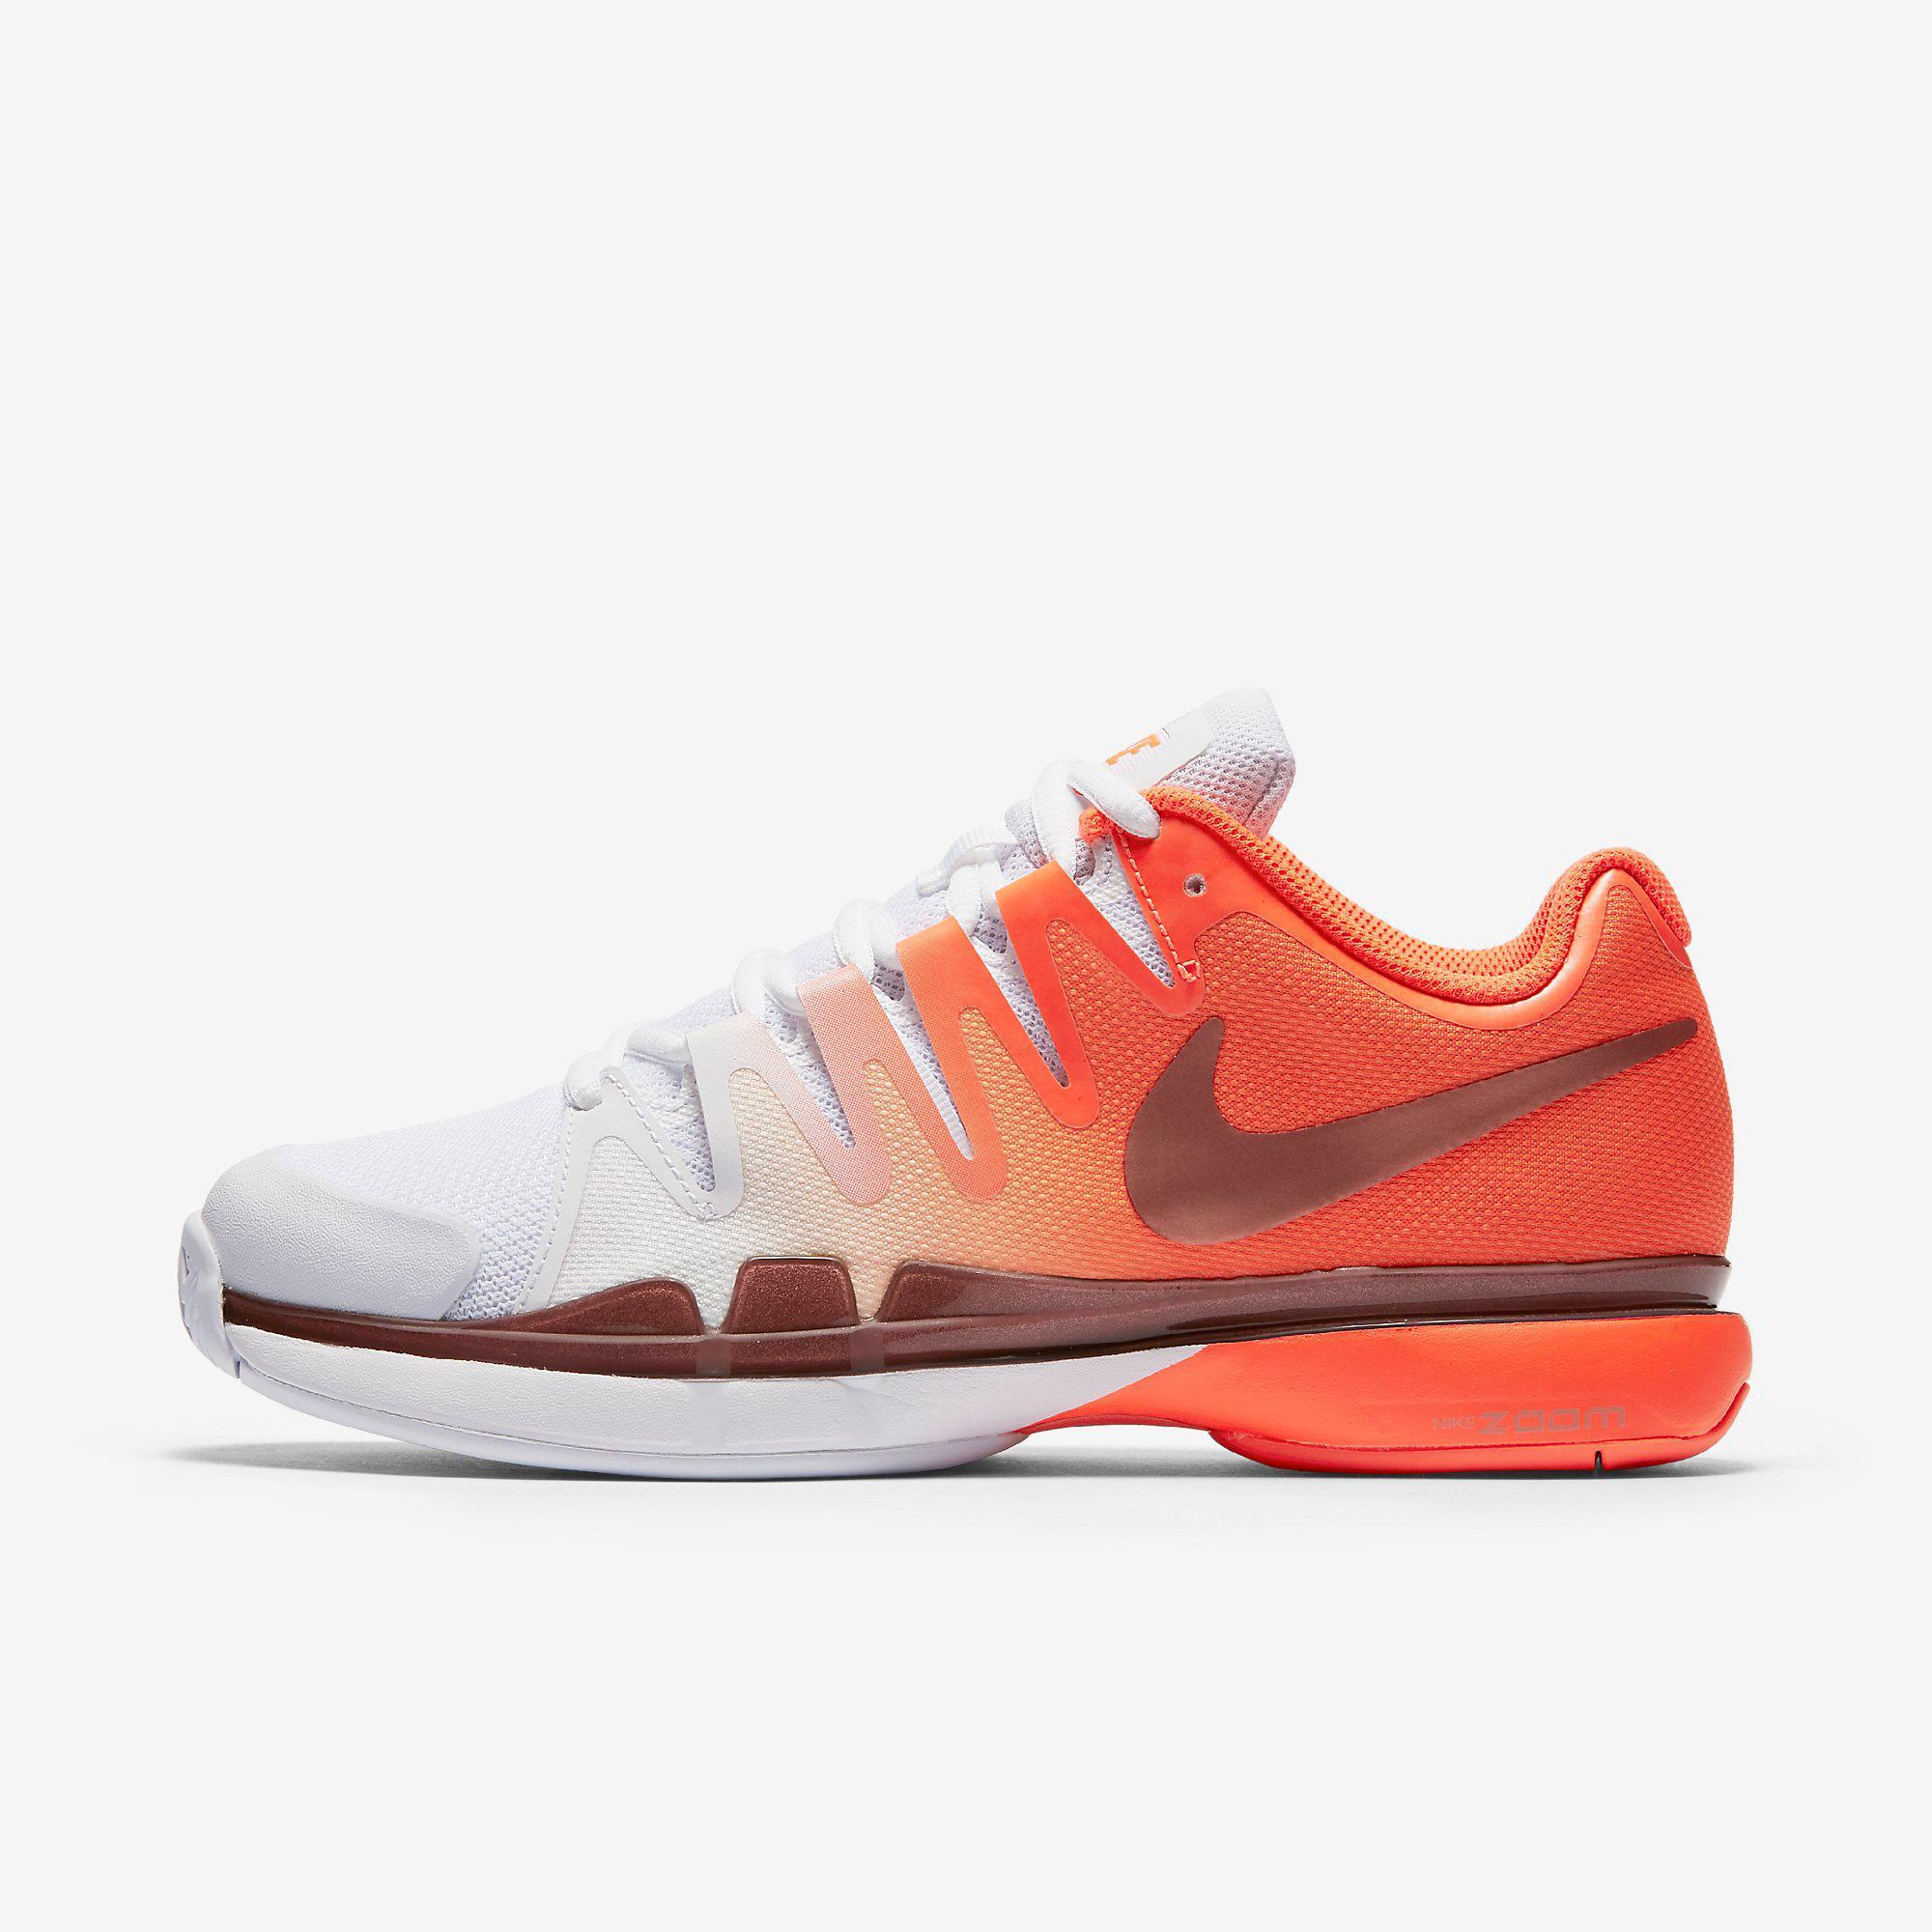 b58bf5419080a Nike Womens Zoom Vapor 9.5 Tennis Shoes - Total Crimson White -  Tennisnuts.com